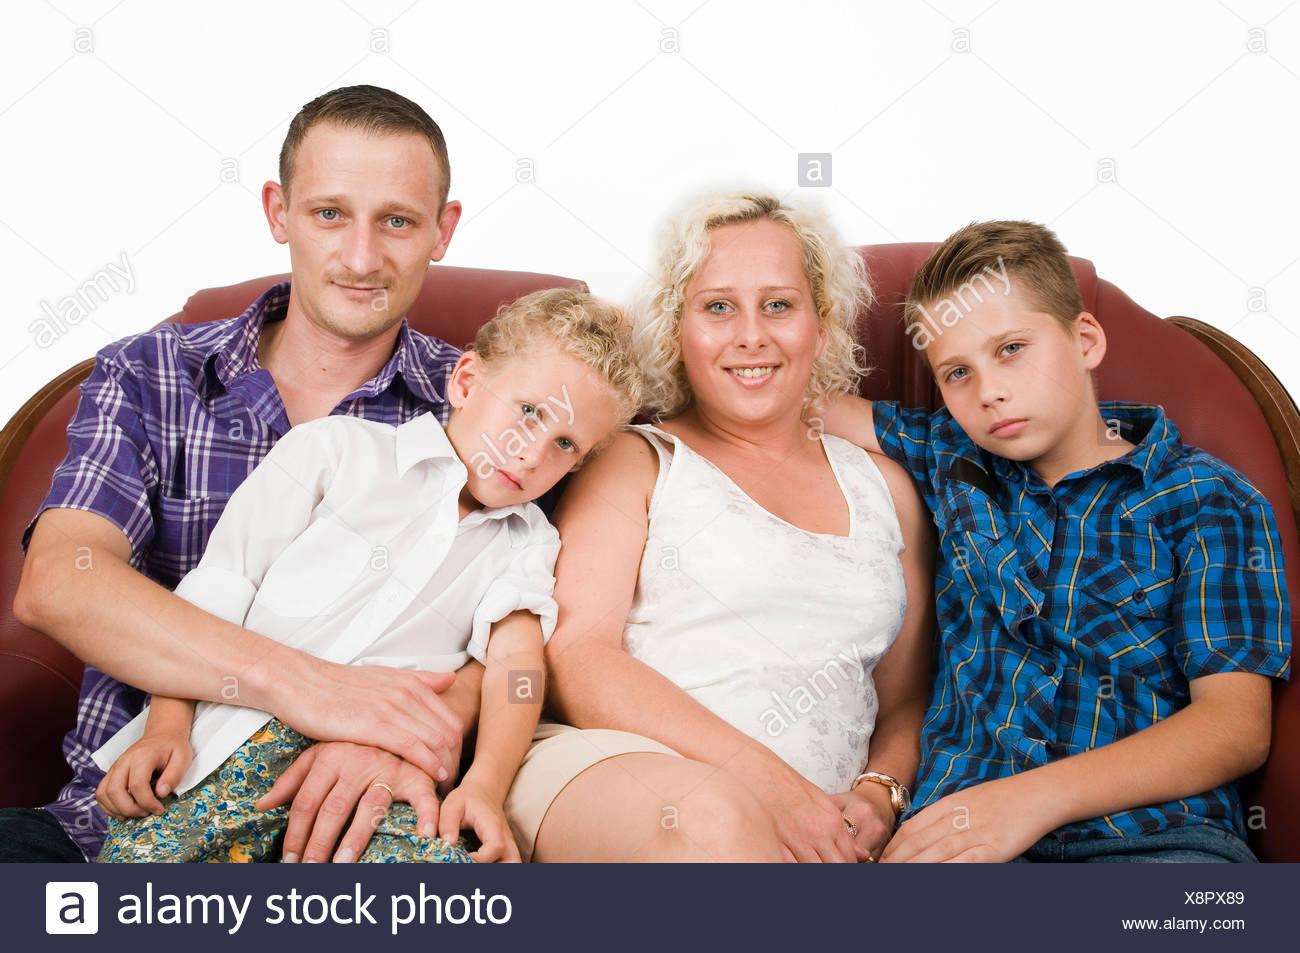 Oberkörper-Porträts zweier Eltern mit ihren zwei Söhnen im Alter von 7 und 13 Jahren auf einem braunen Leder-Sofa vor weisser Wand - Stock Image